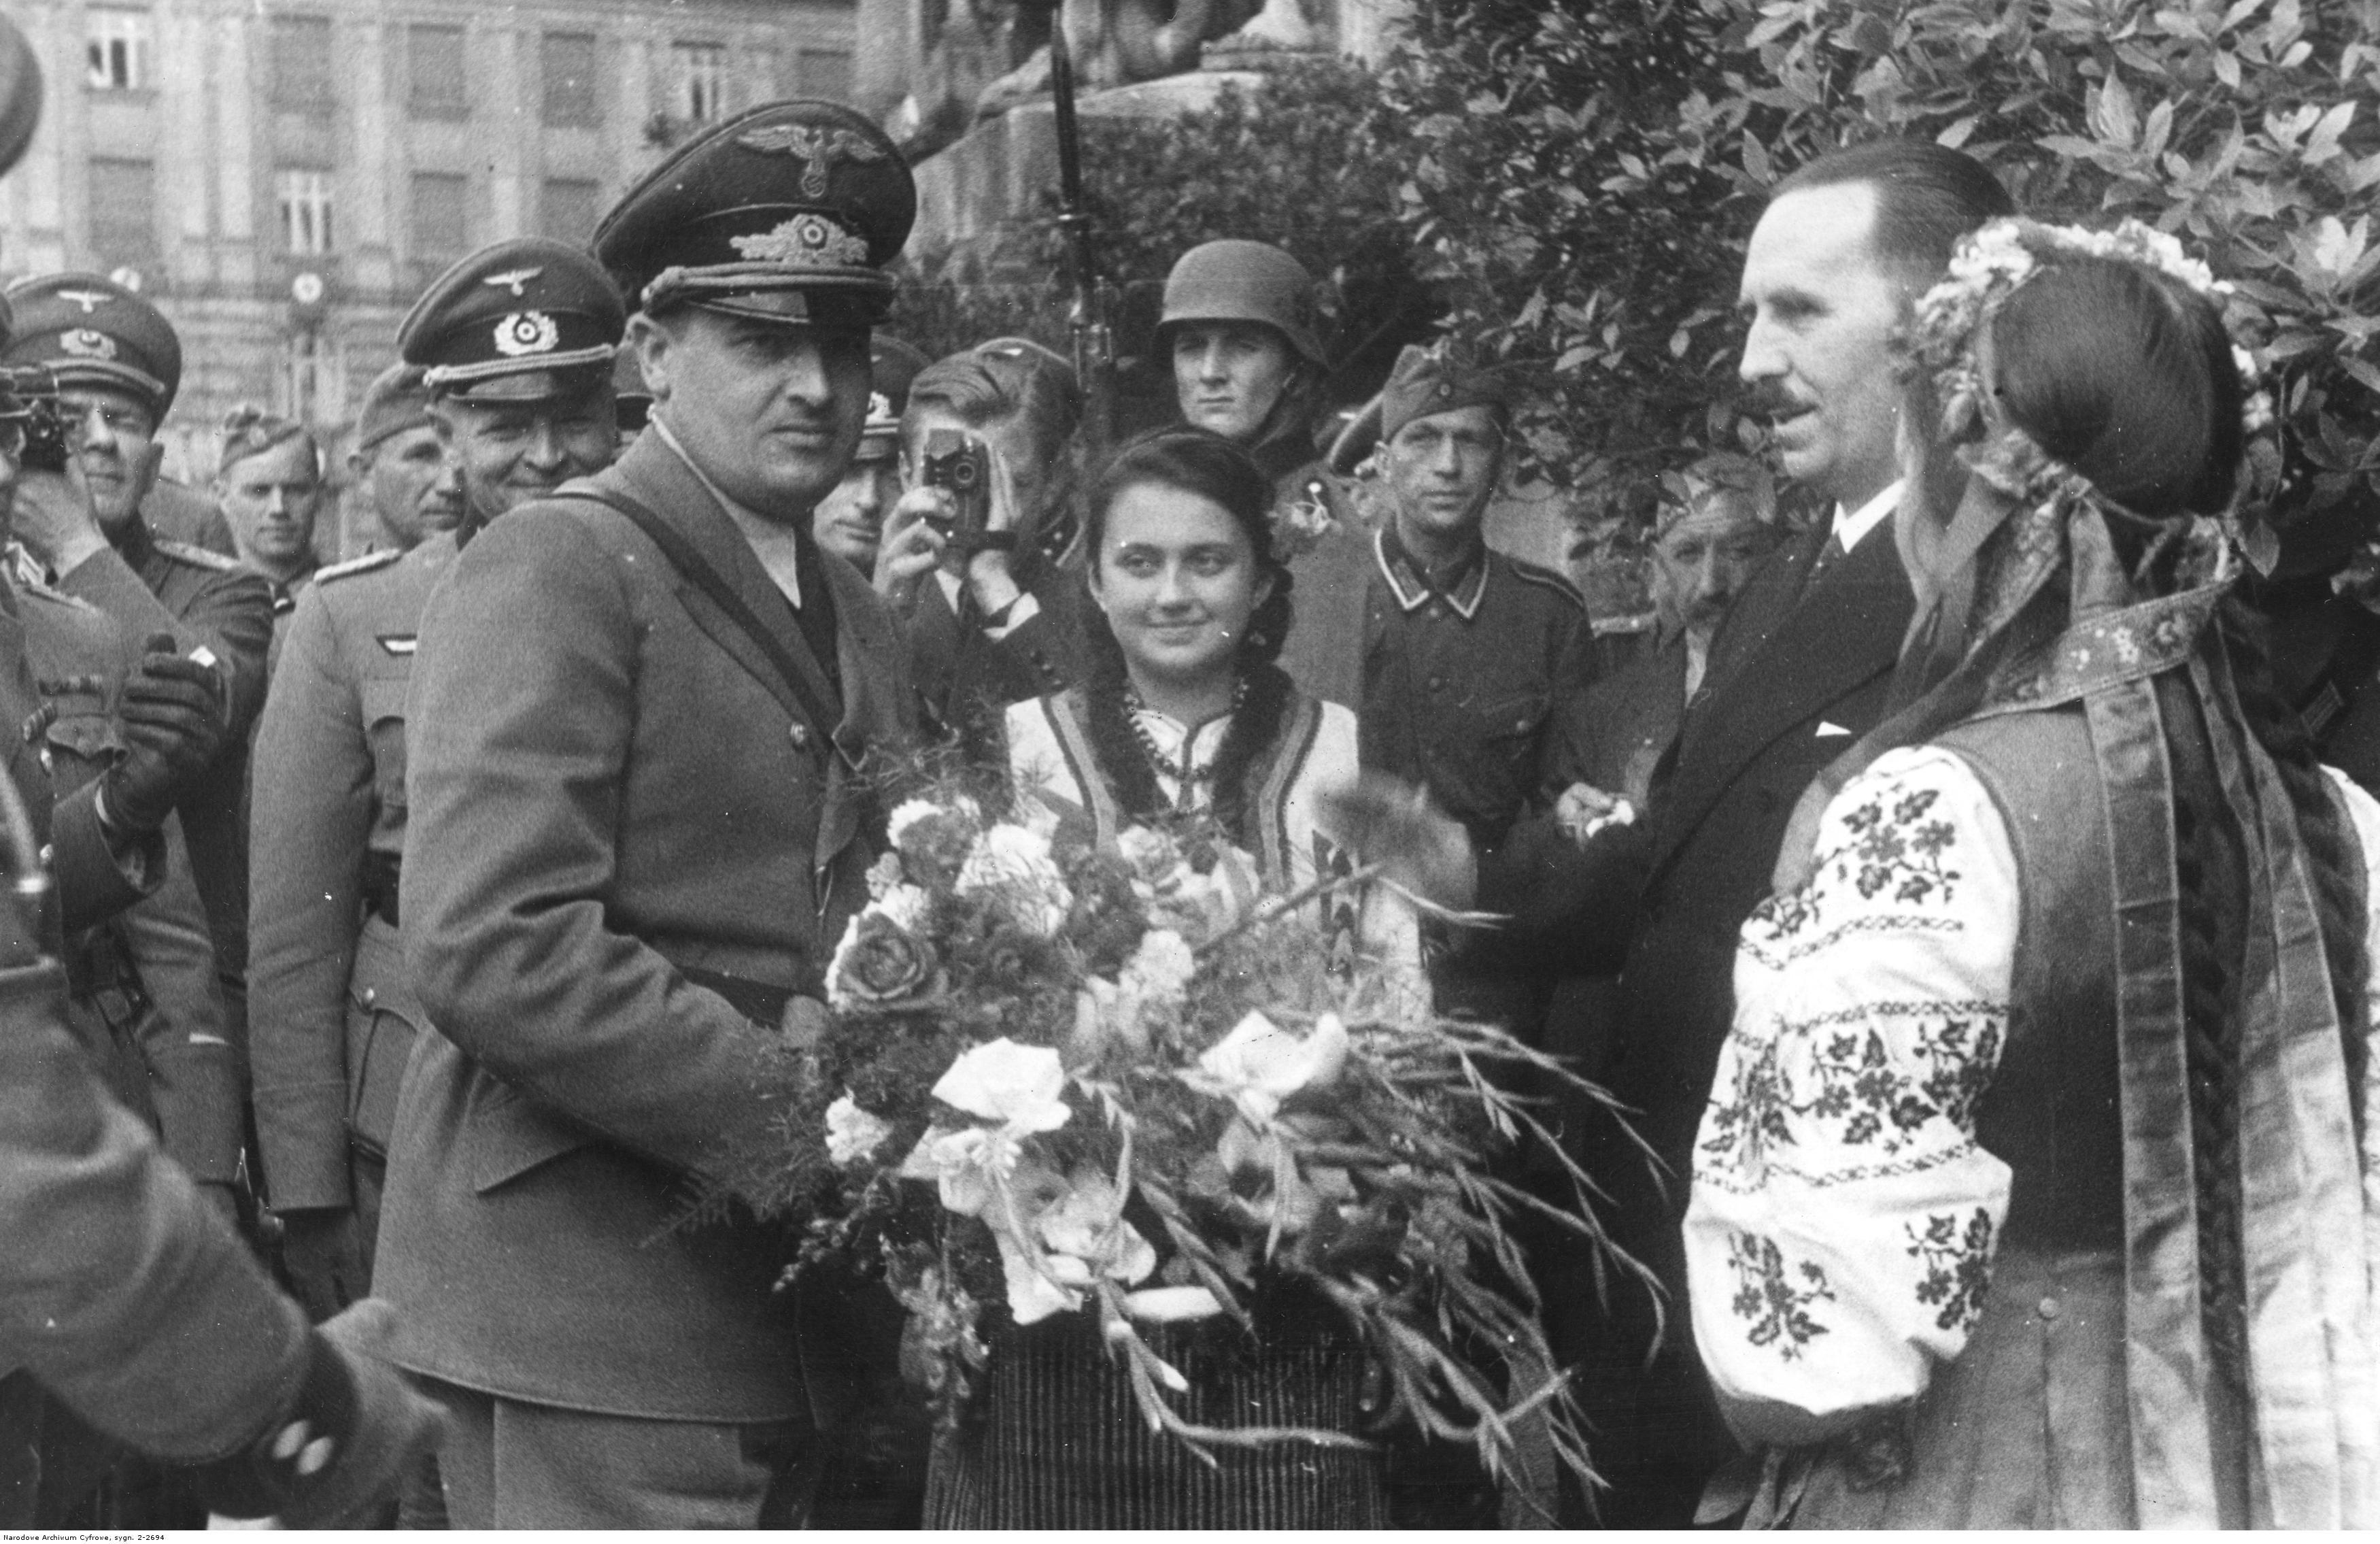 1941. Делегация во главе с мэром Львова приветствует генерал-губернатора Ганса Франка хлебом-солью. 1 августа